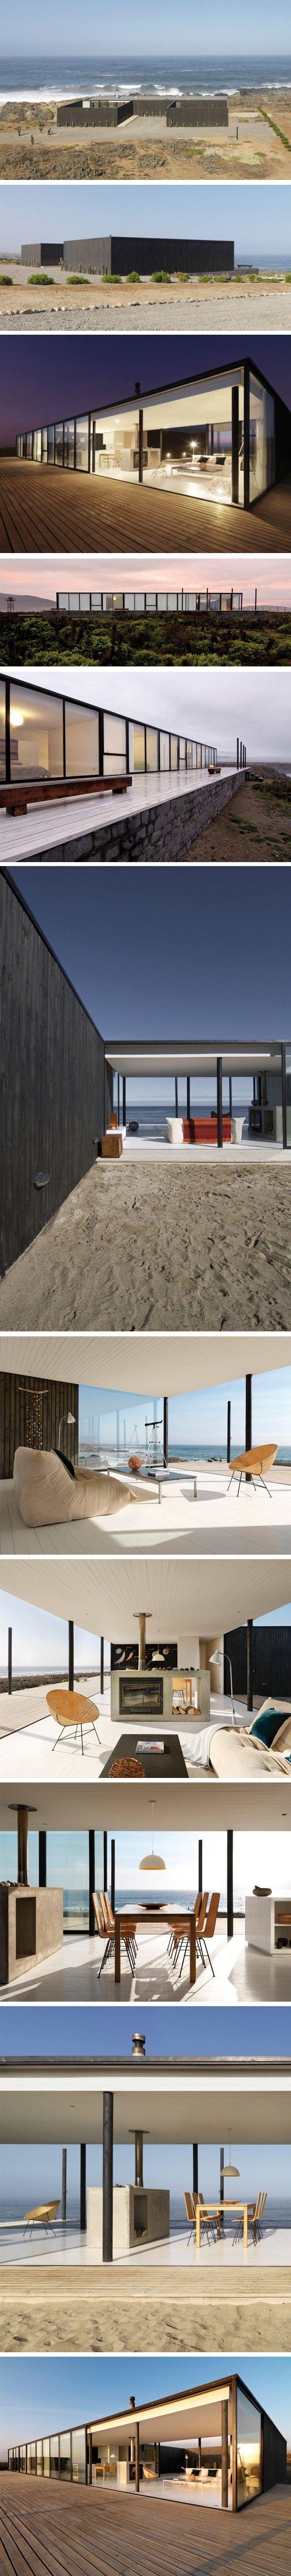 Magnifique maison sur la plage, Chili Pour la seconde fois de la semaine, on embarque pour le Chili et l'une de ses régions côtières où les architectes de